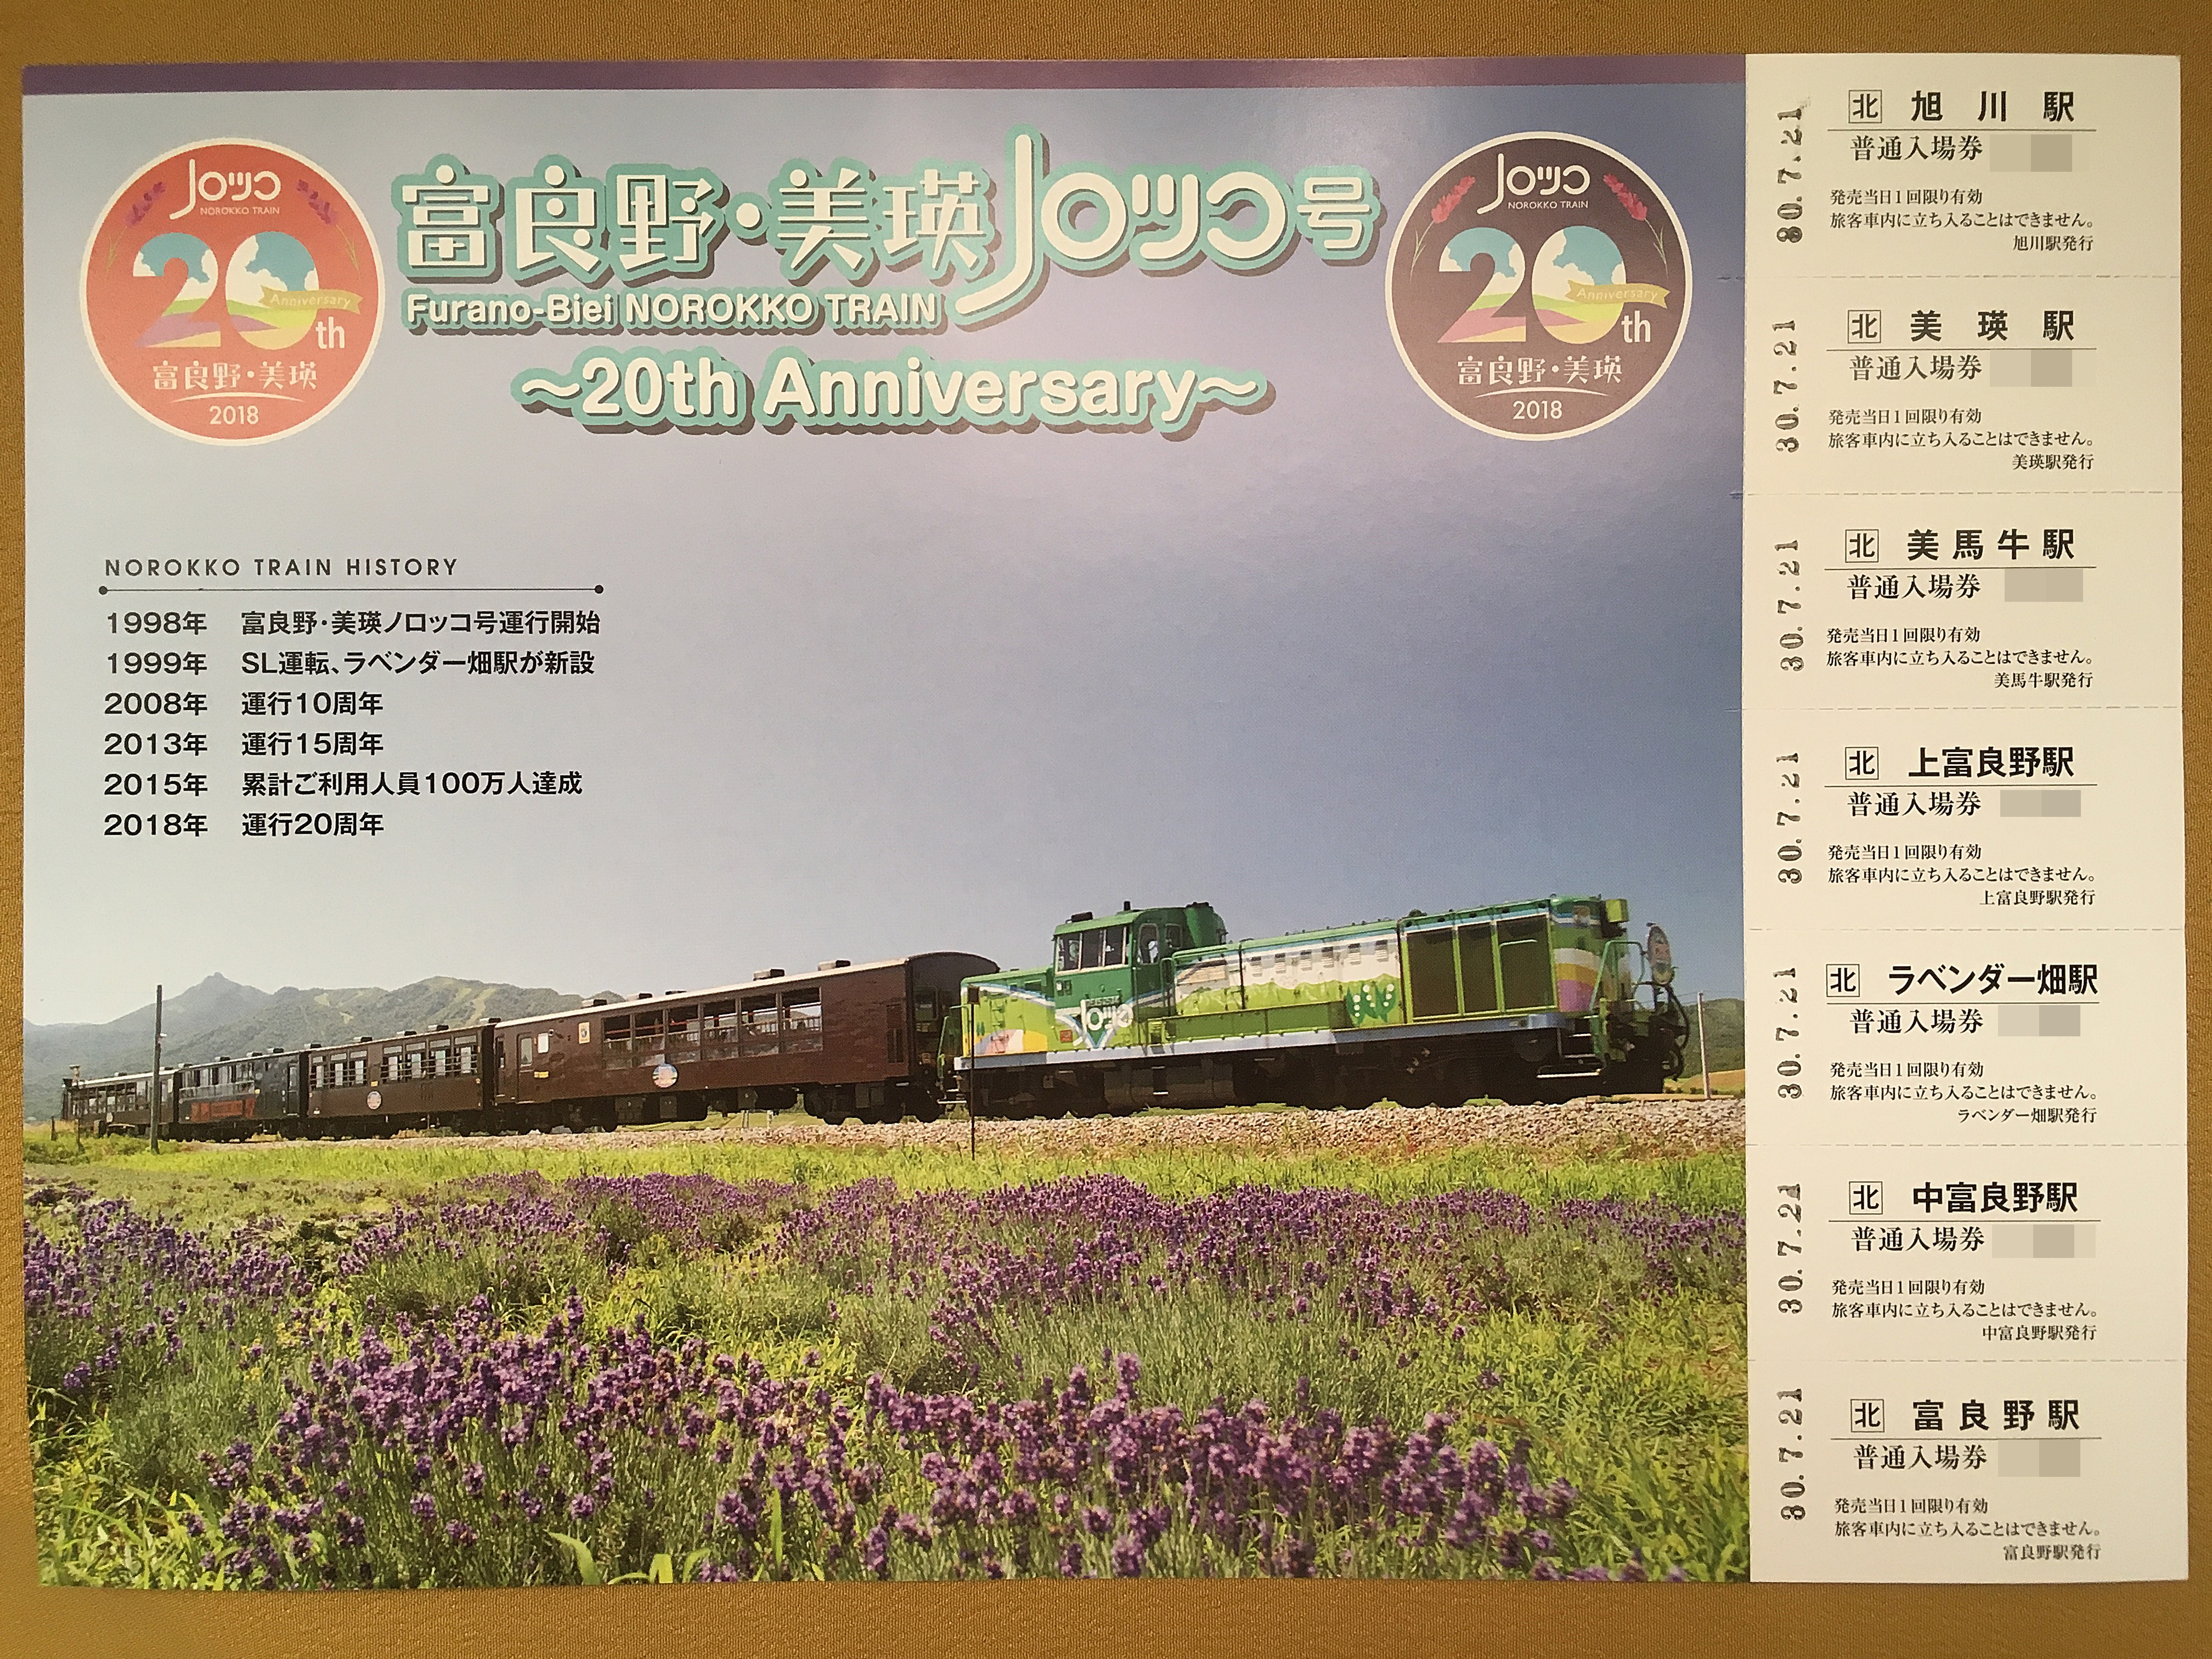 富良野・美瑛ノロッコ号 運行20周年記念入場券 表.JPG